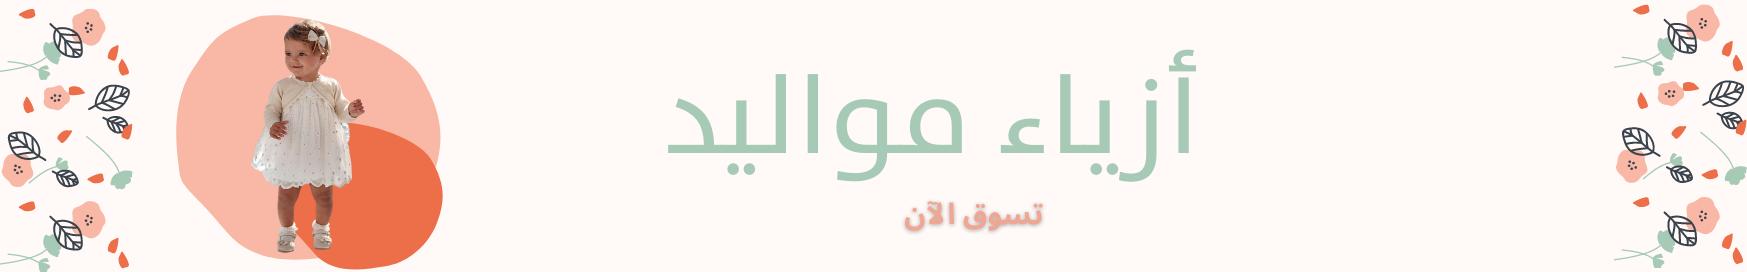 Eid_baby_fashion_web